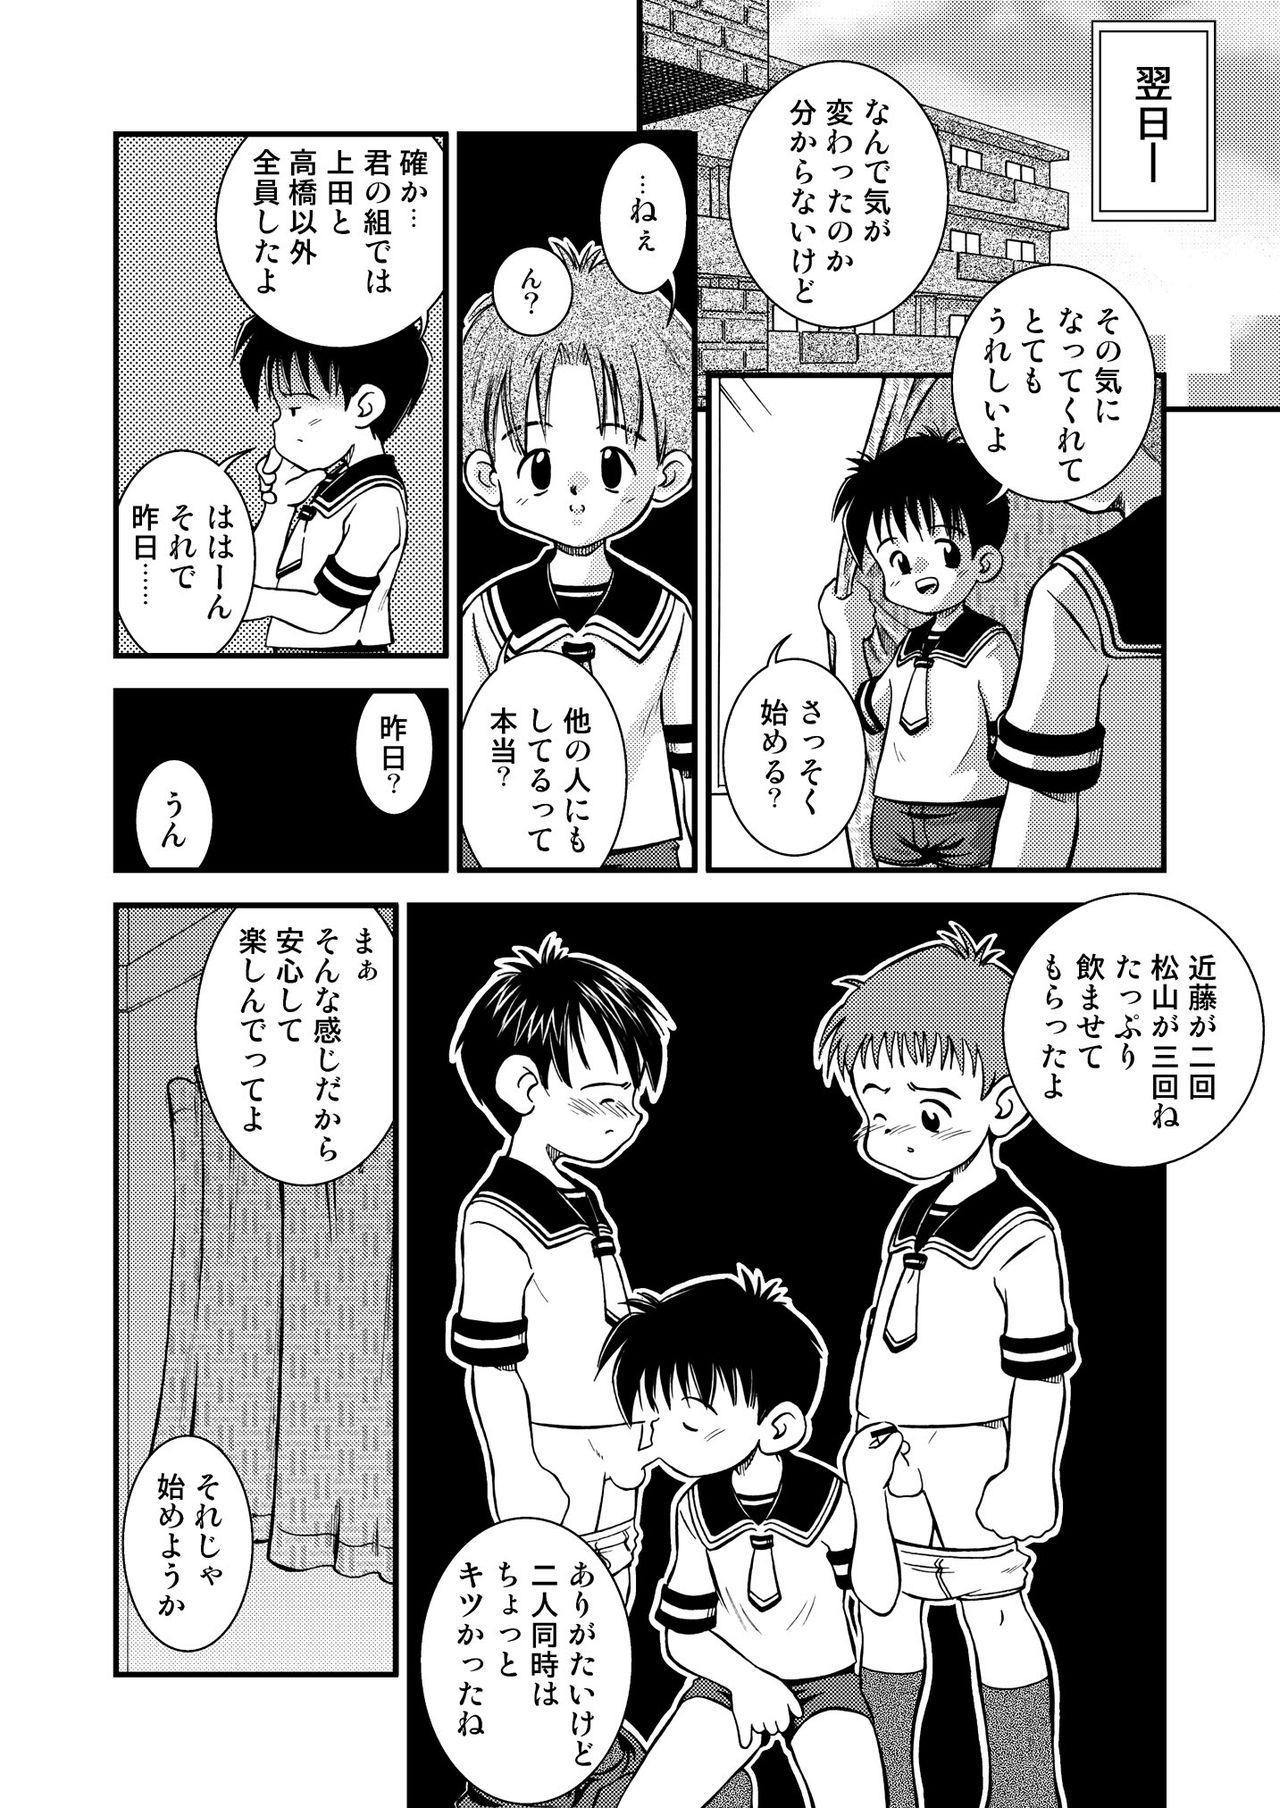 Shinjiru Koto kara Hajimeyou 16